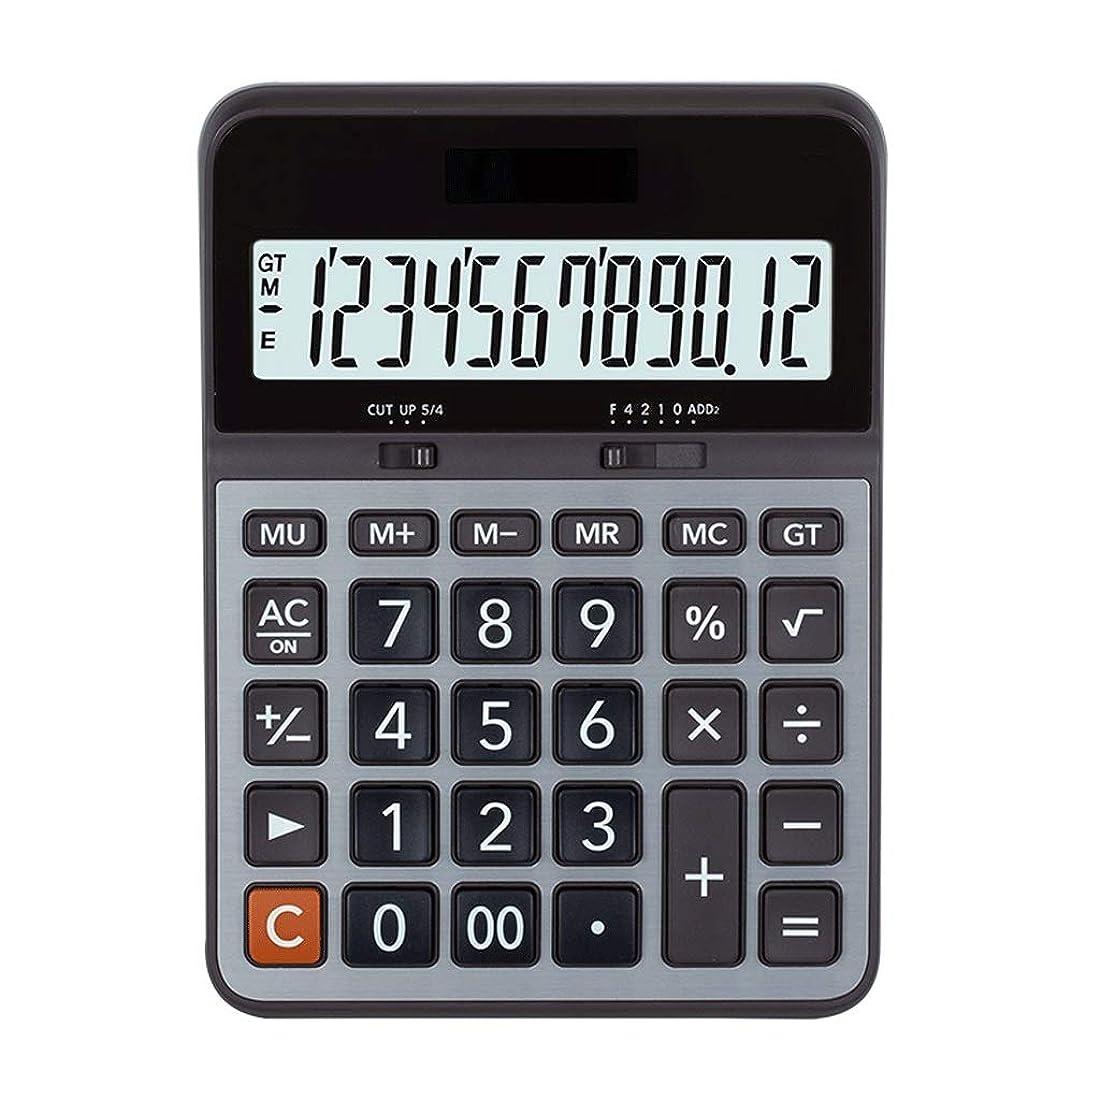 無知洞察力のある経済デスクトップ電卓営業所専用ポータブル大ボタン大画面ディスプレイ12桁電卓